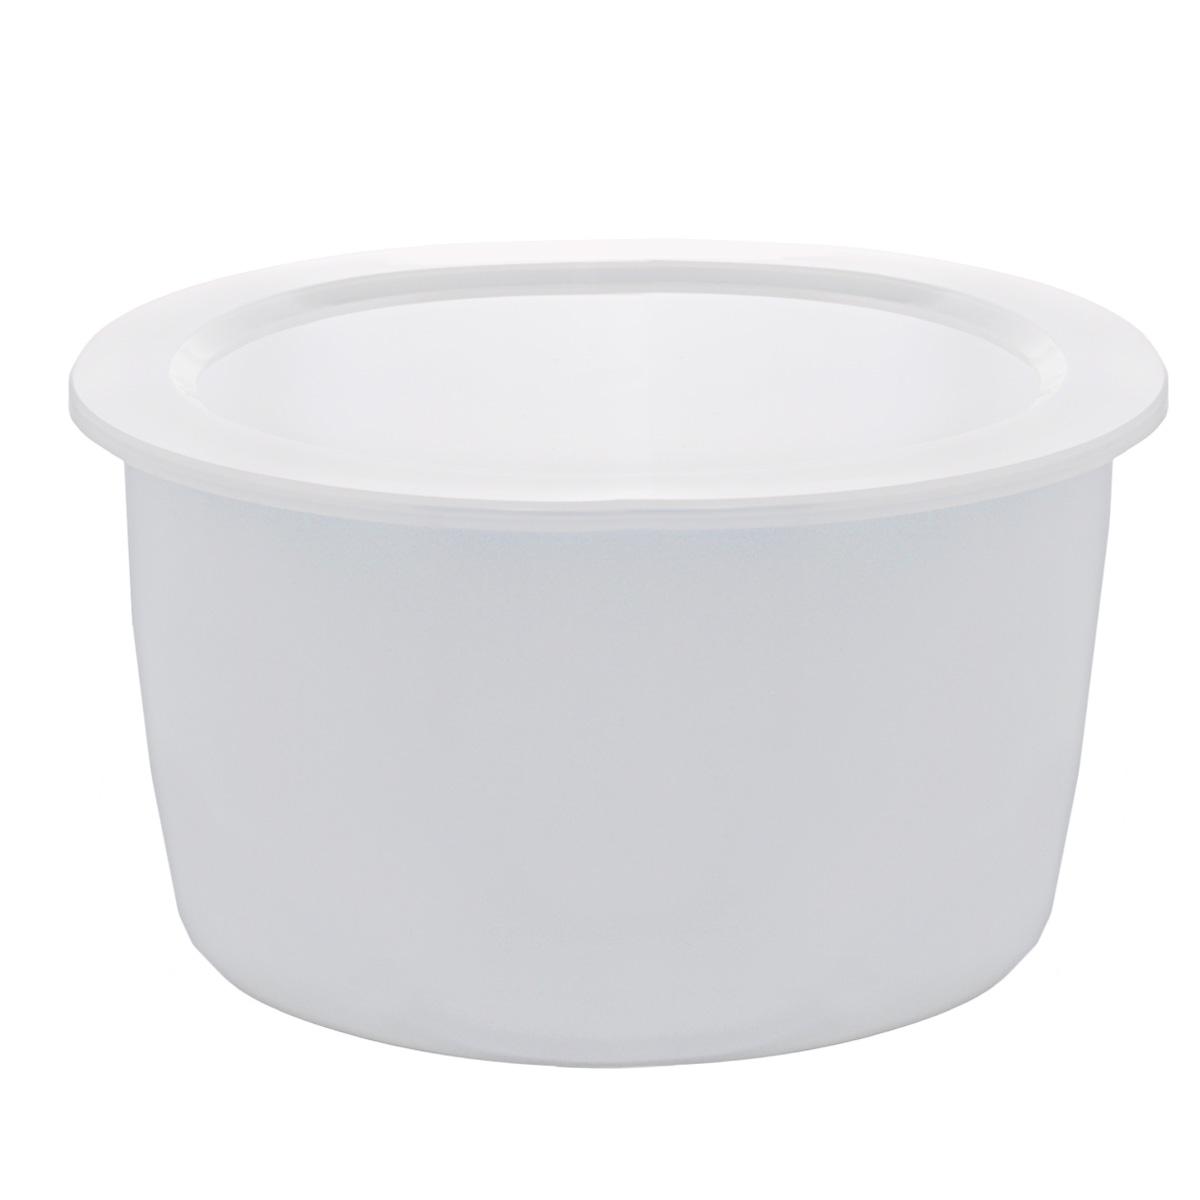 Steba AS 4 сменная чаша для мультиварки DD1/2 AS 4 for DD1+2